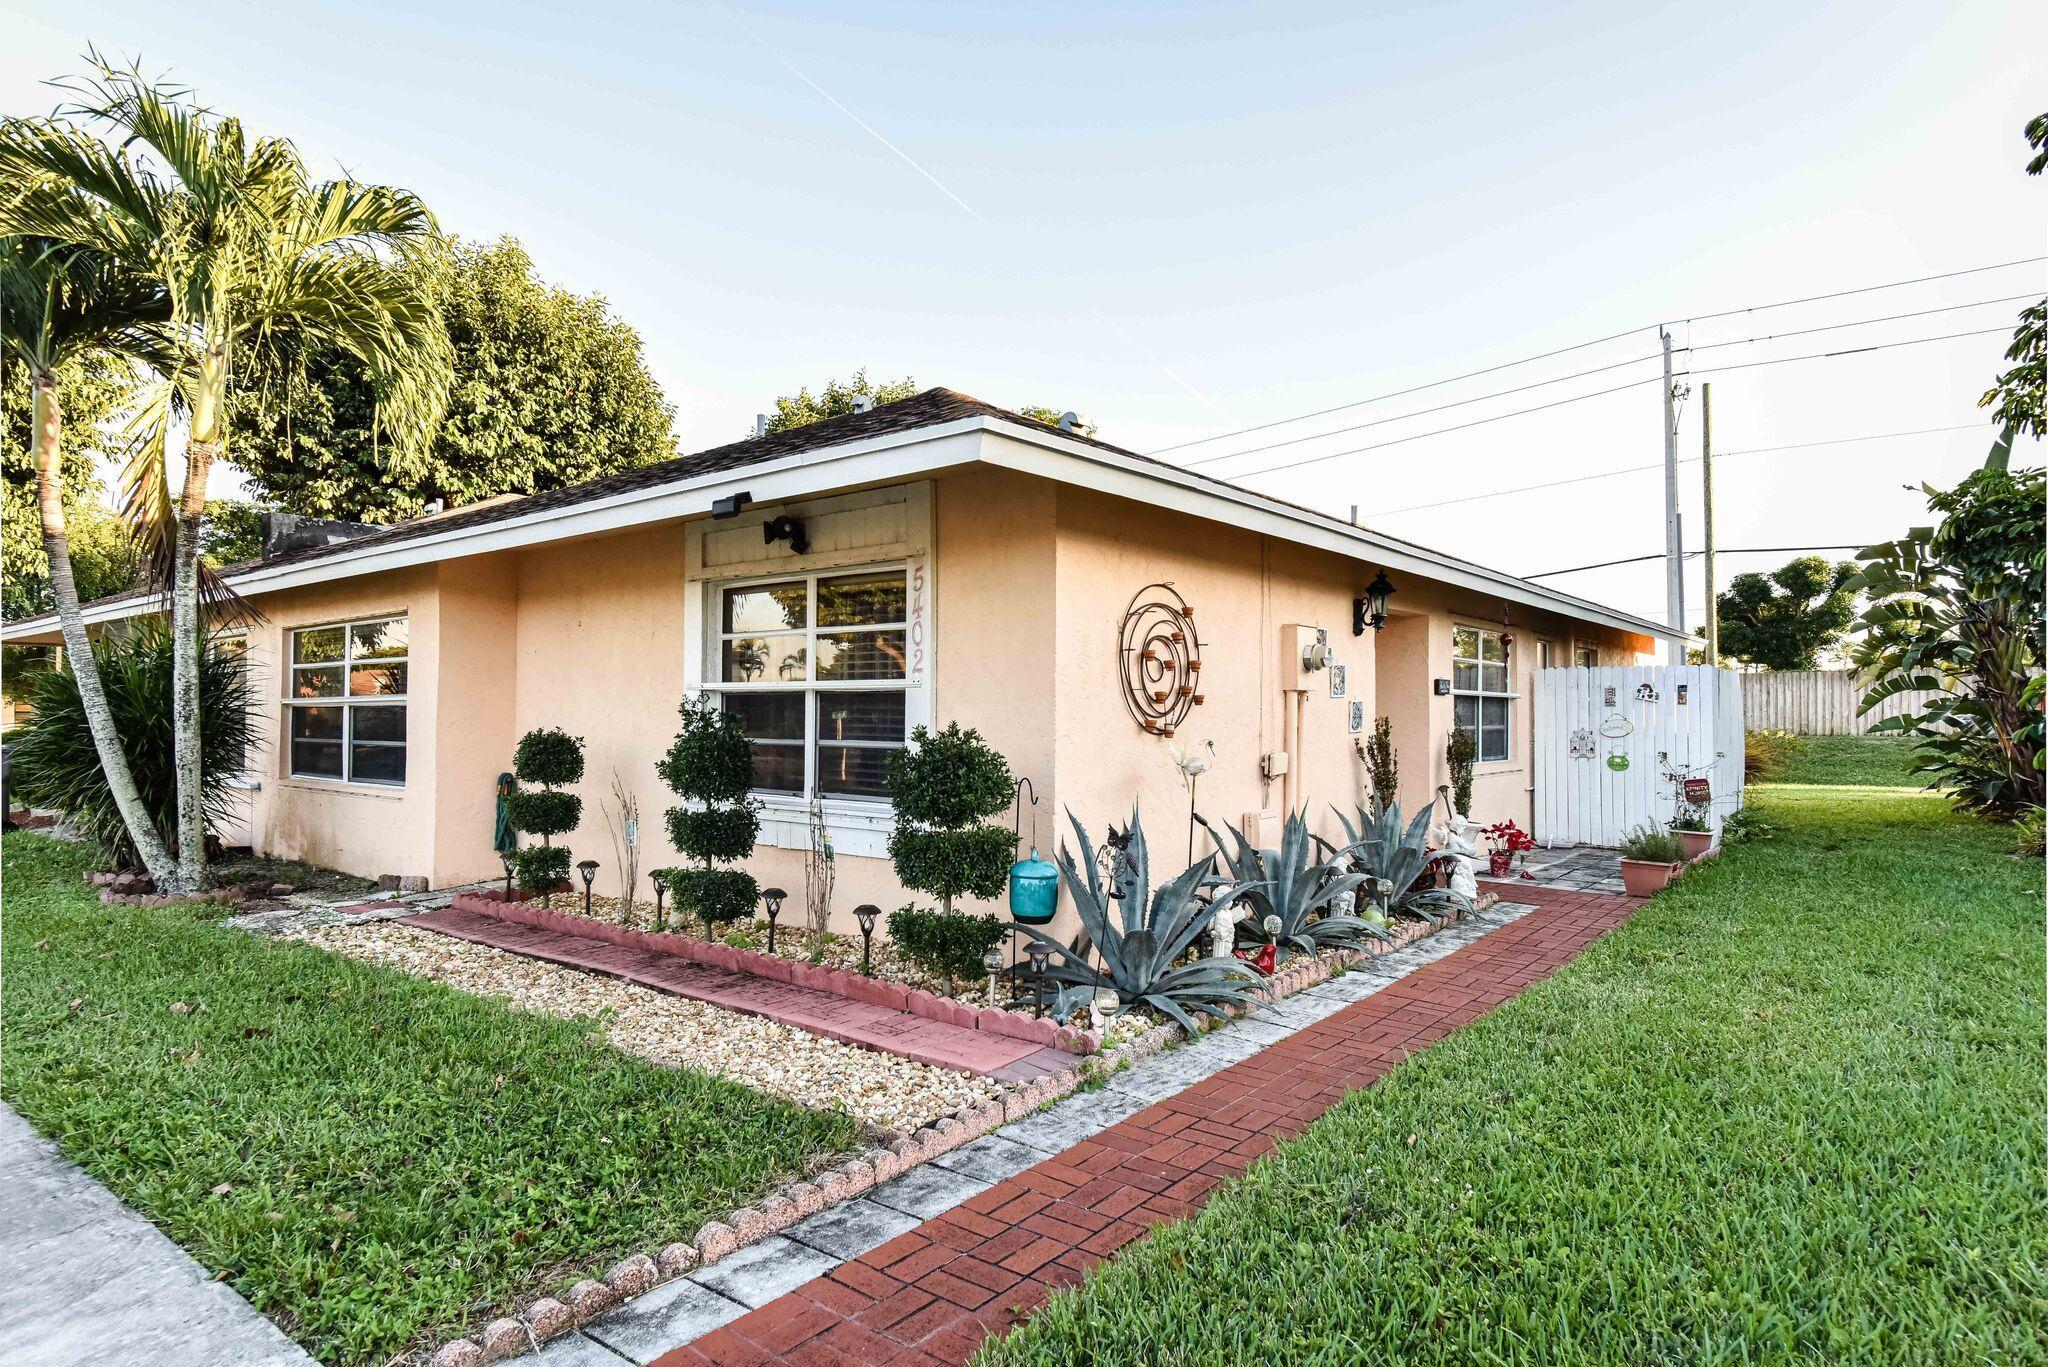 5402 Bonky Court 102 B West Palm Beach, FL 33415